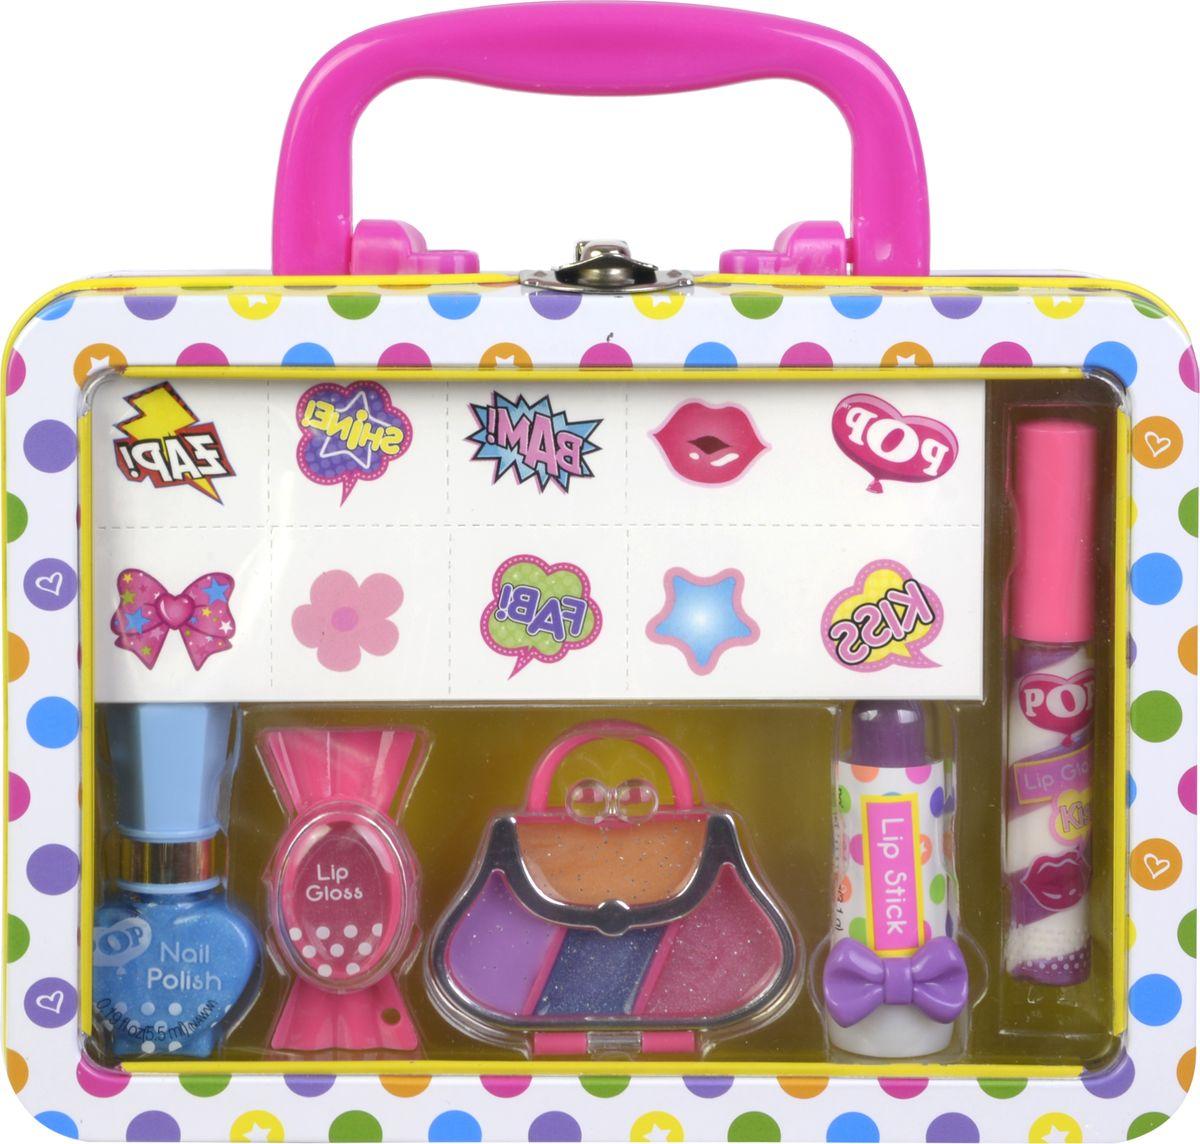 Markwins Игровой набор детской декоративной косметики POP 37043513704351Состав набора: лак для ногтей на водной основе 1 шт., блеск для губ 1 шт., палитра блесков для губ из 4 оттенков, губная помада в футляре 1 шт., блеск для губ с аппликатором 1 шт., переводные рисунки для тела 1 лист, жестяной чемоданчик 1 шт.